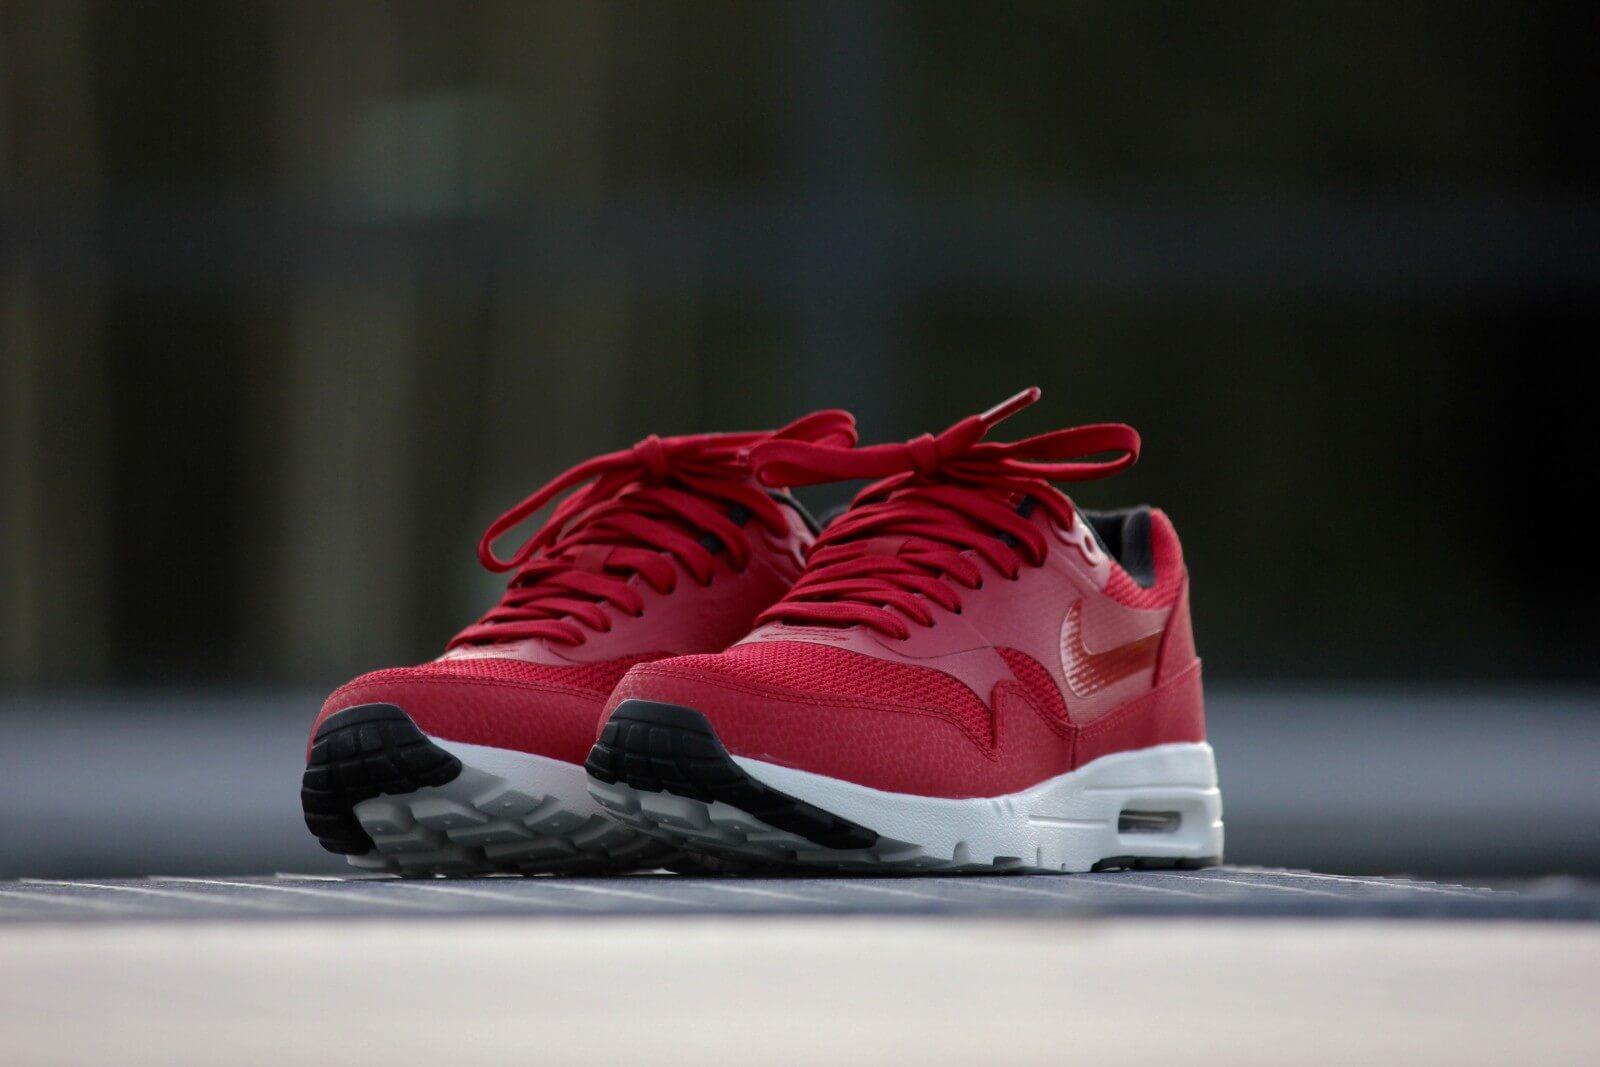 Nike Air Max 1 Ultra Essentials Gym Red Black Sail 704993 600